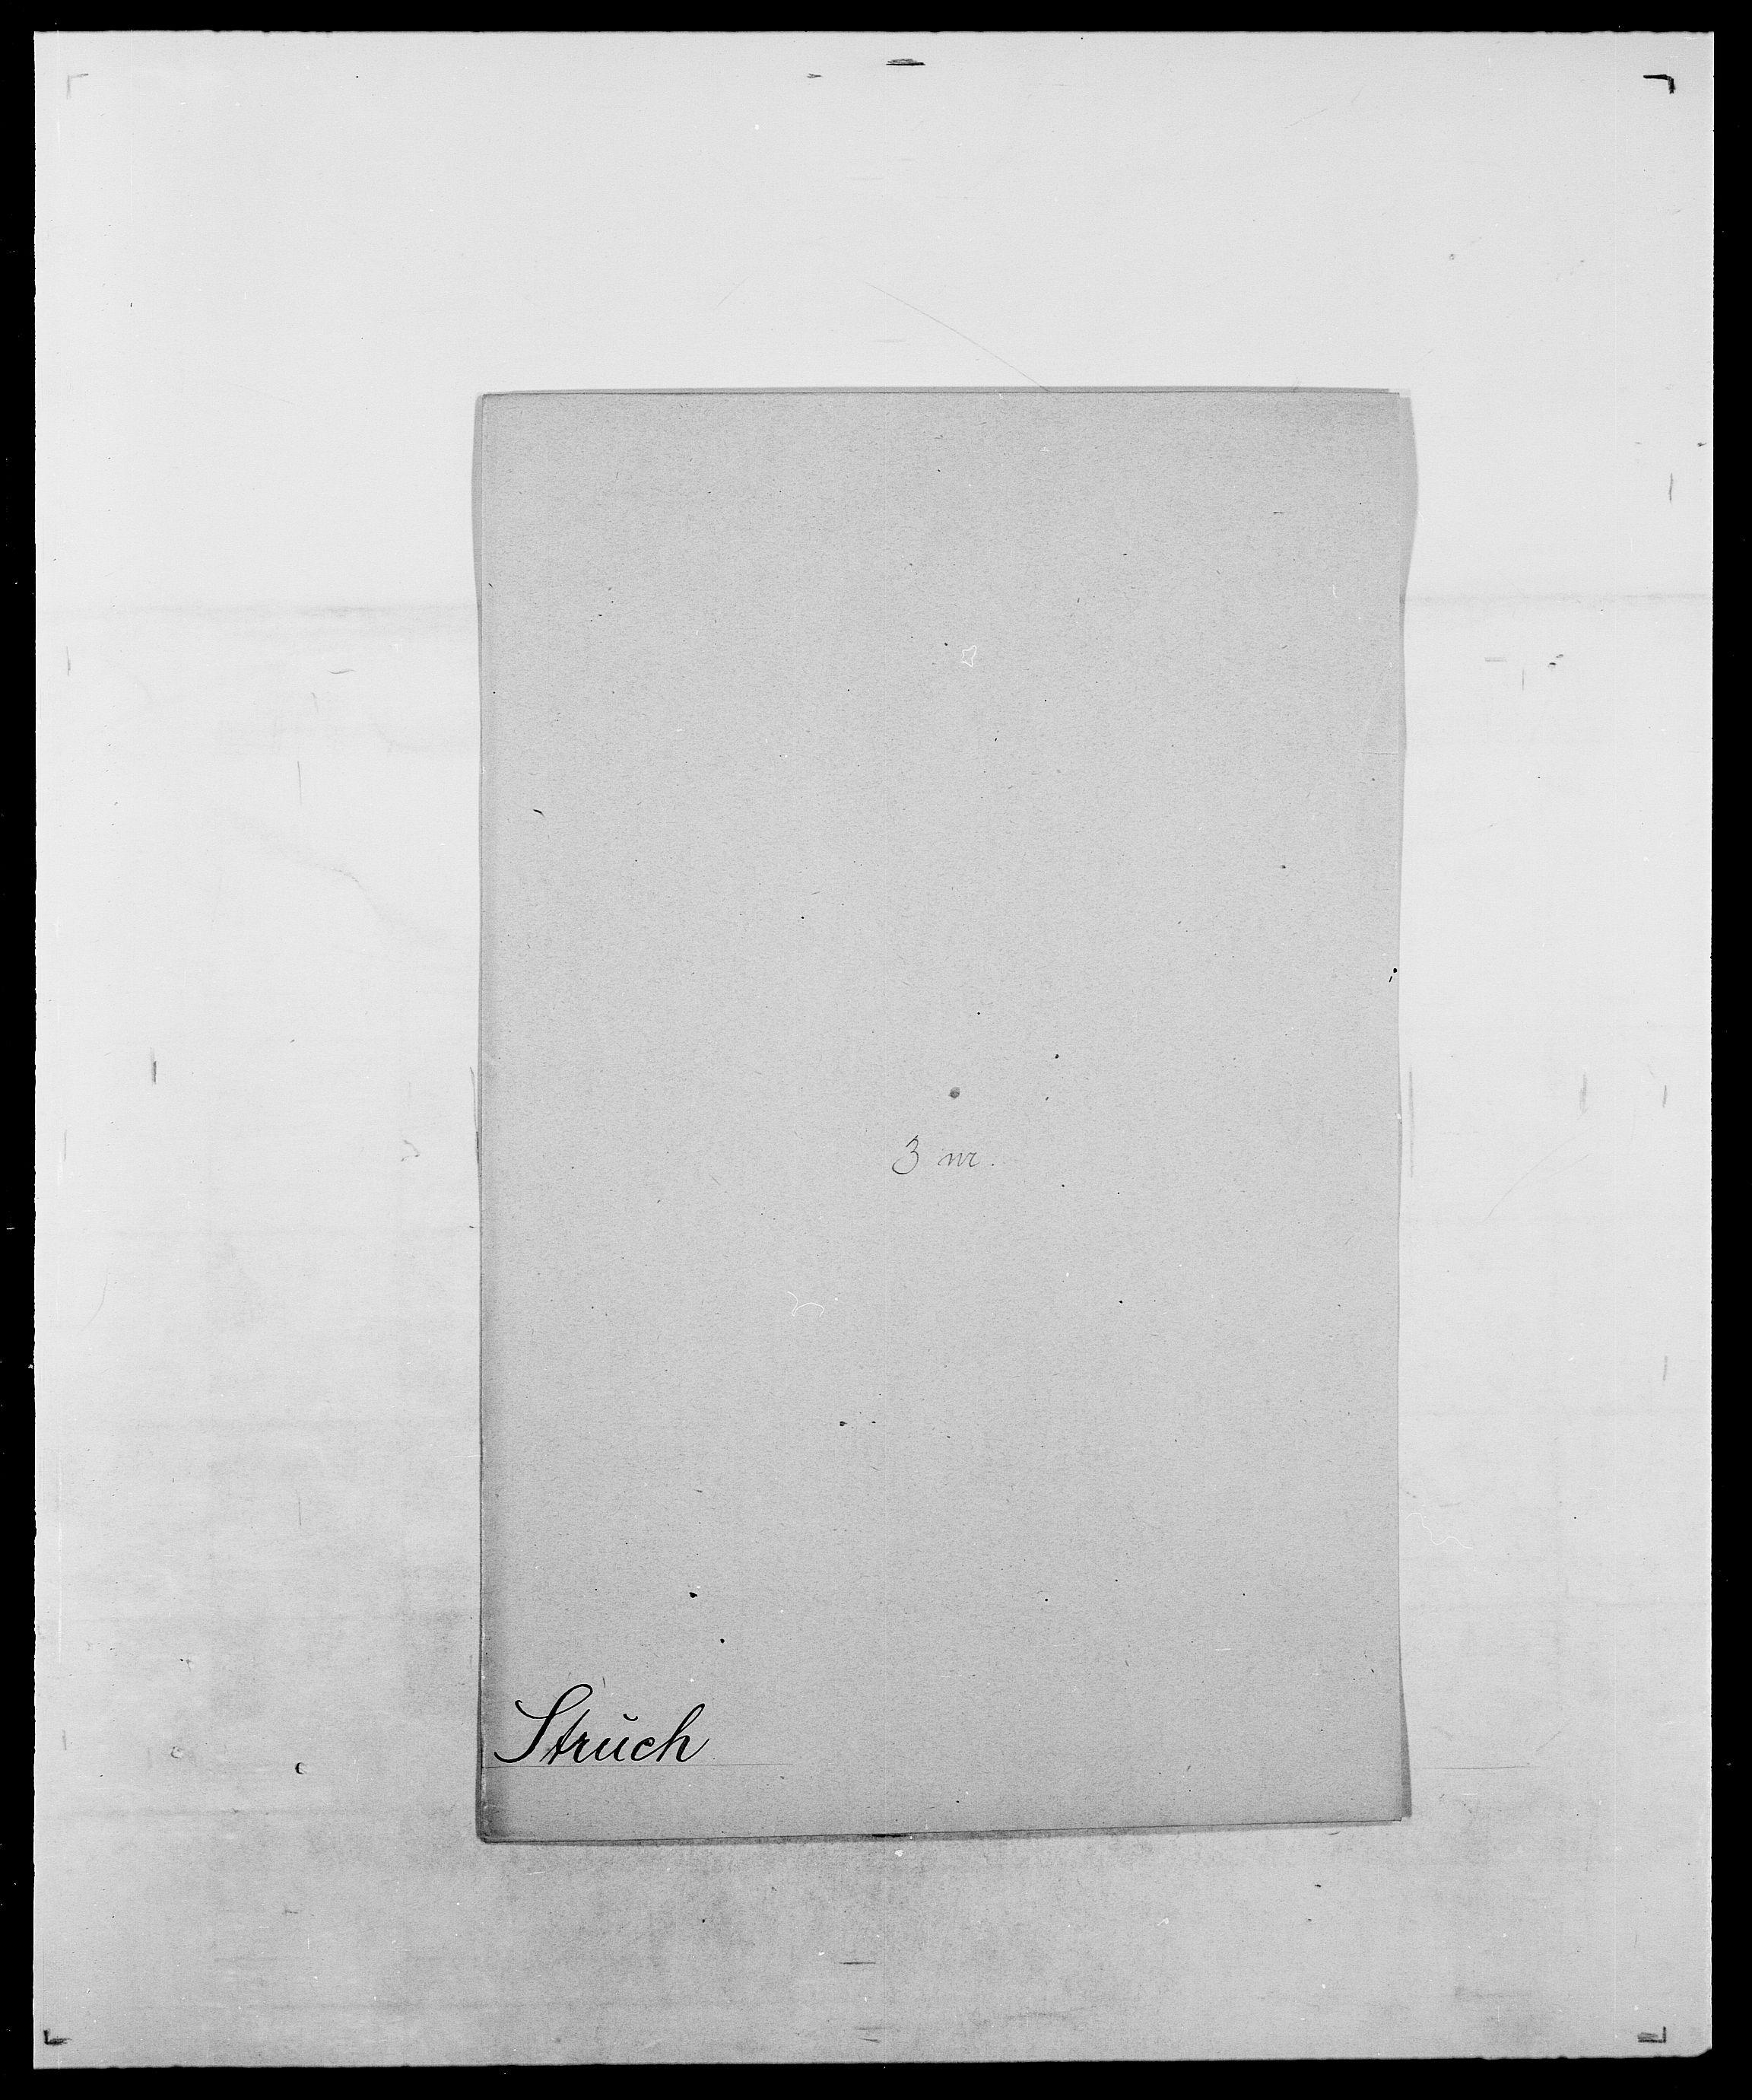 SAO, Delgobe, Charles Antoine - samling, D/Da/L0037: Steen, Sthen, Stein - Svare, Svanige, Svanne, se også Svanning og Schwane, s. 611